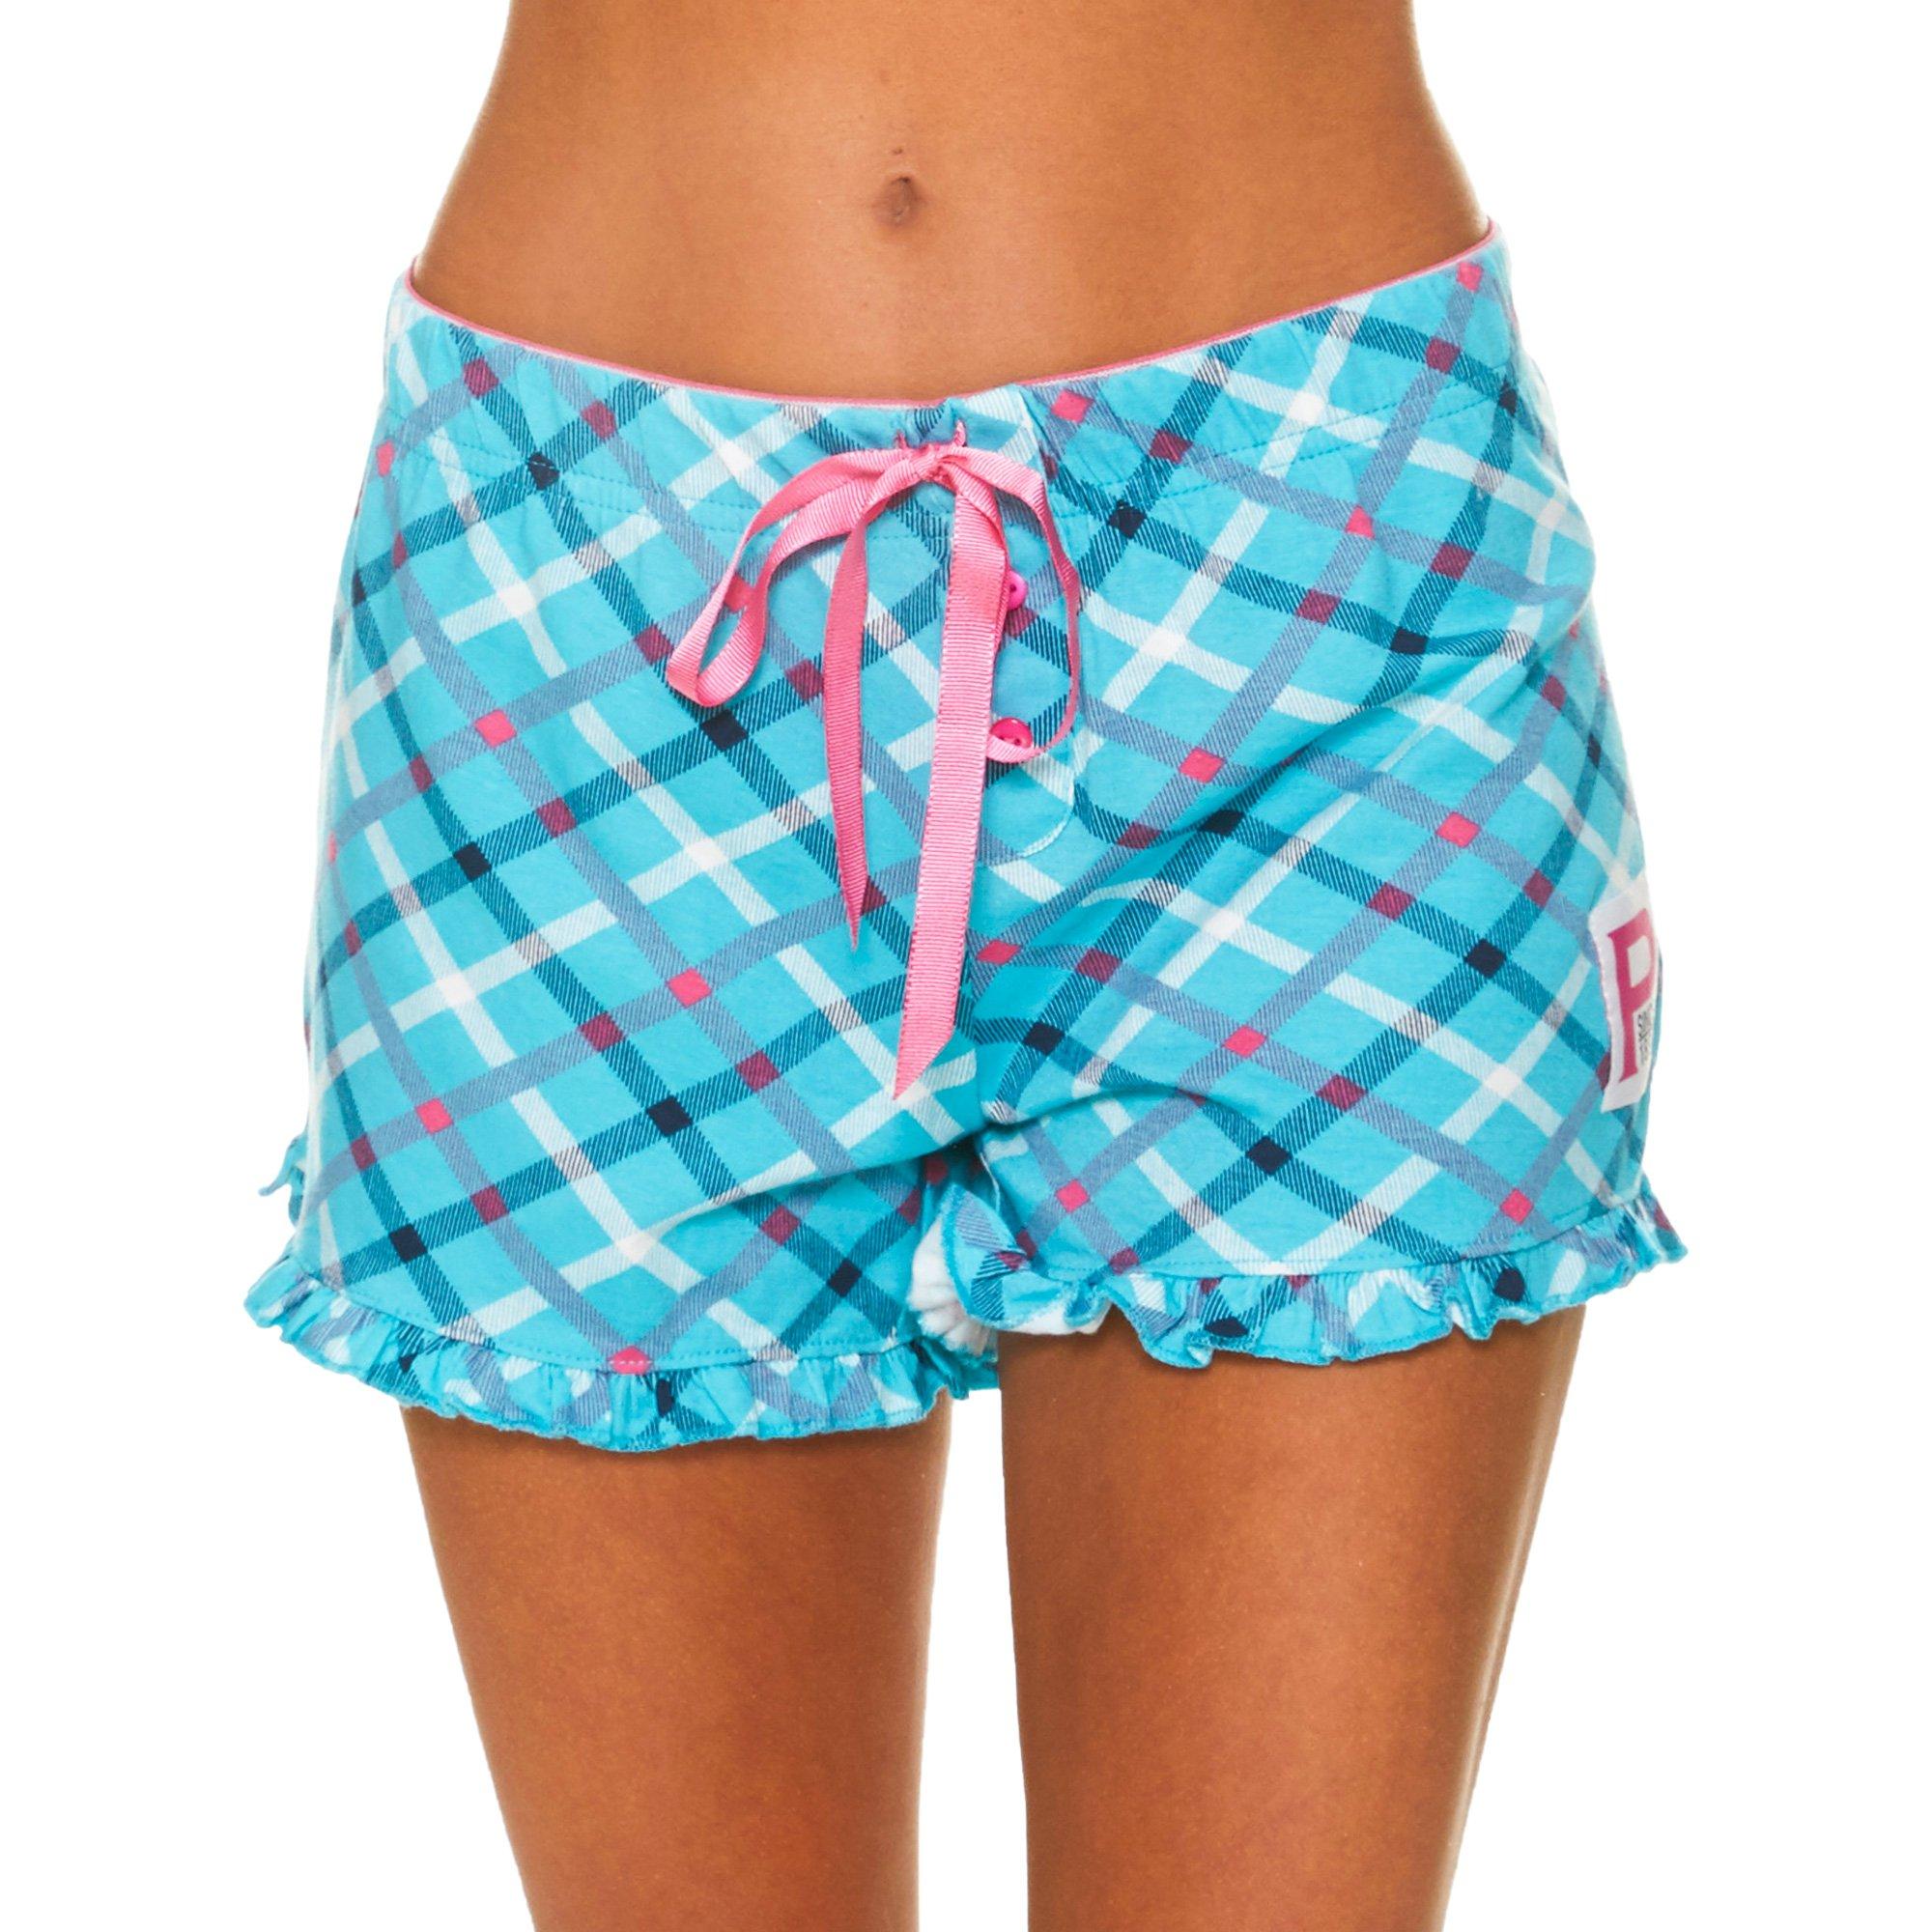 U.S. Polo Assn.. Womens Plaid Ruffle Hem Elastic Waistband Pajama Sleep Shorts Turquoise Large by U.S. Polo Assn.